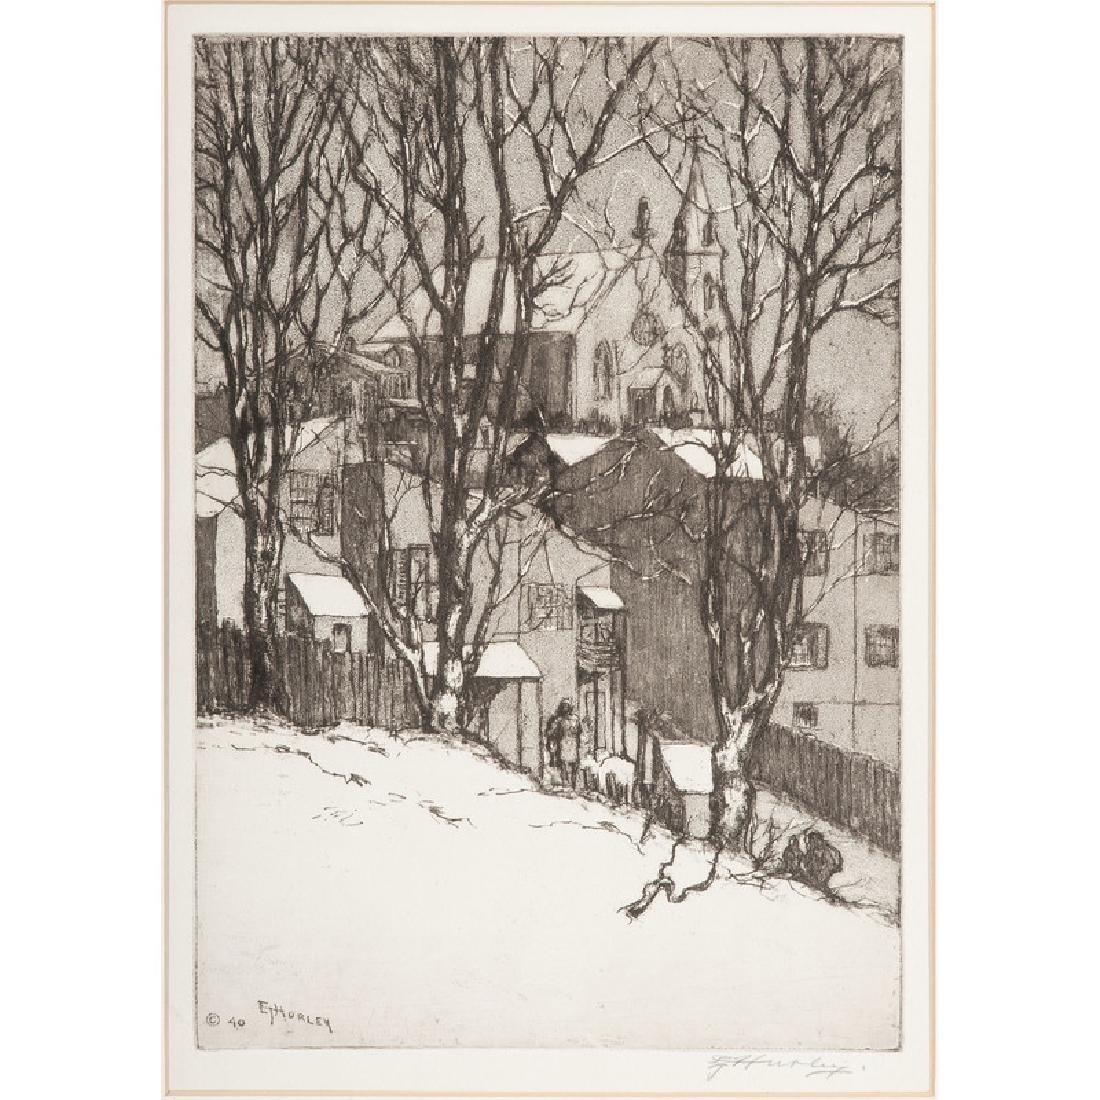 Edward Timothy Hurley (Cincinnati, 1869-1950), Etching